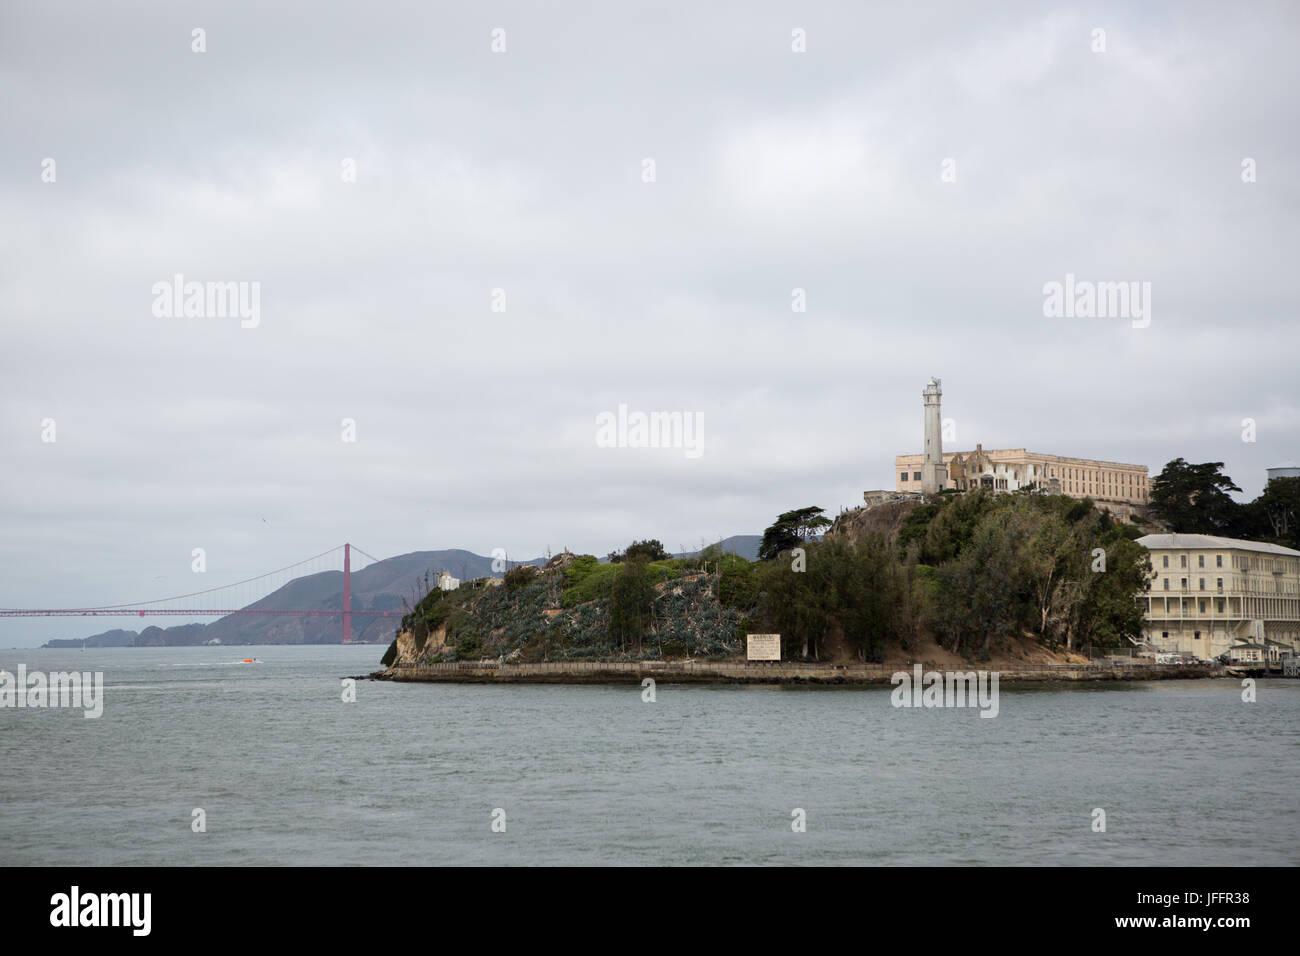 Una vista panorámica de la Isla de Alcatraz, la Penitenciaría Federal de Alcatraz y el Puente Golden Gate. Foto de stock